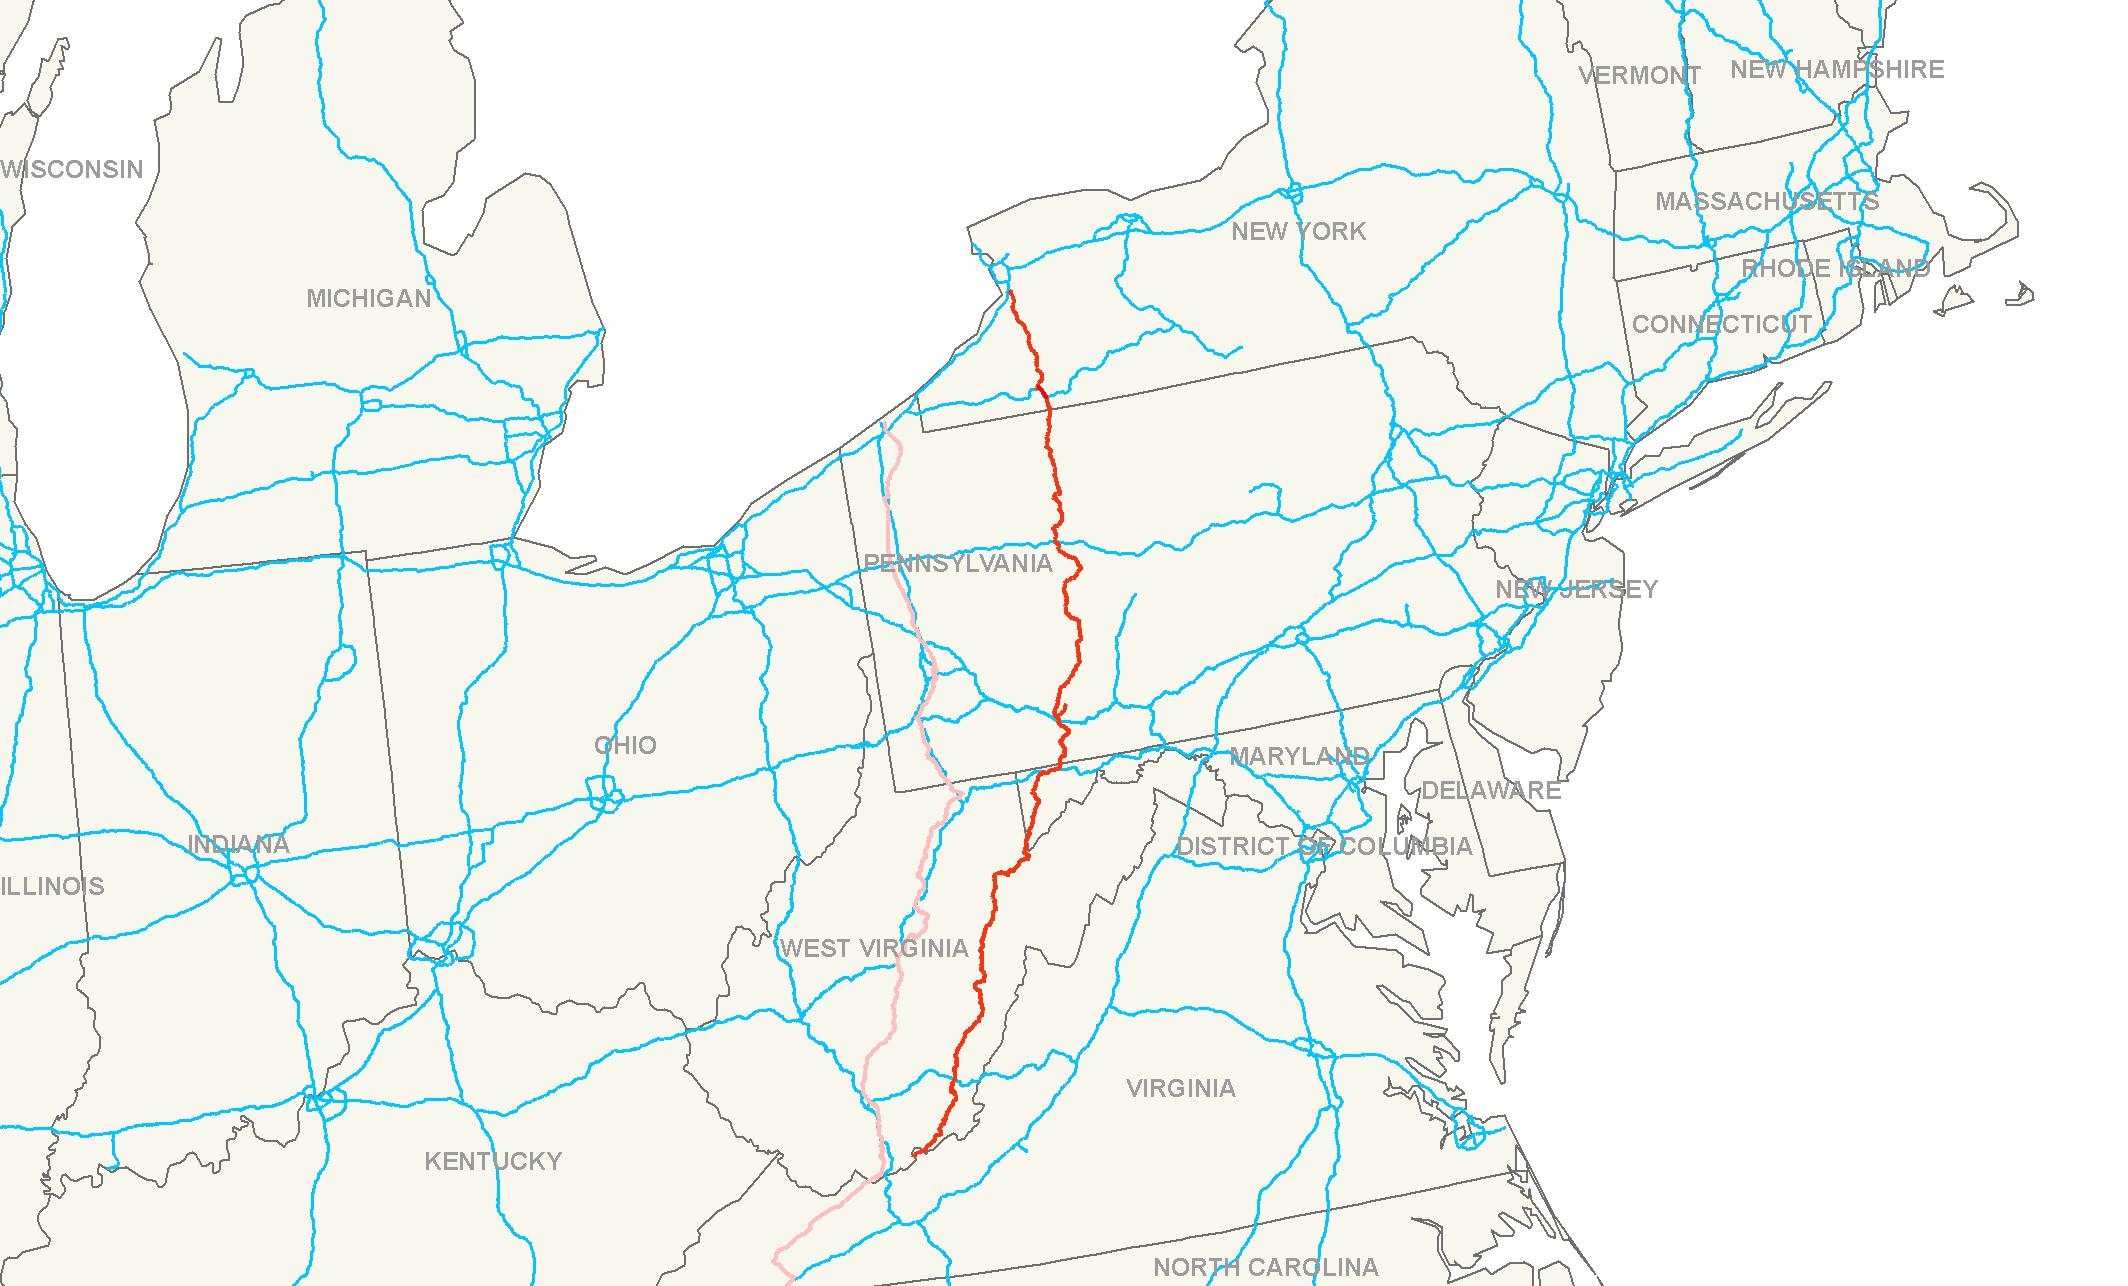 U S Route 20: California State Route 20 – Migliori Pagine da Colorare